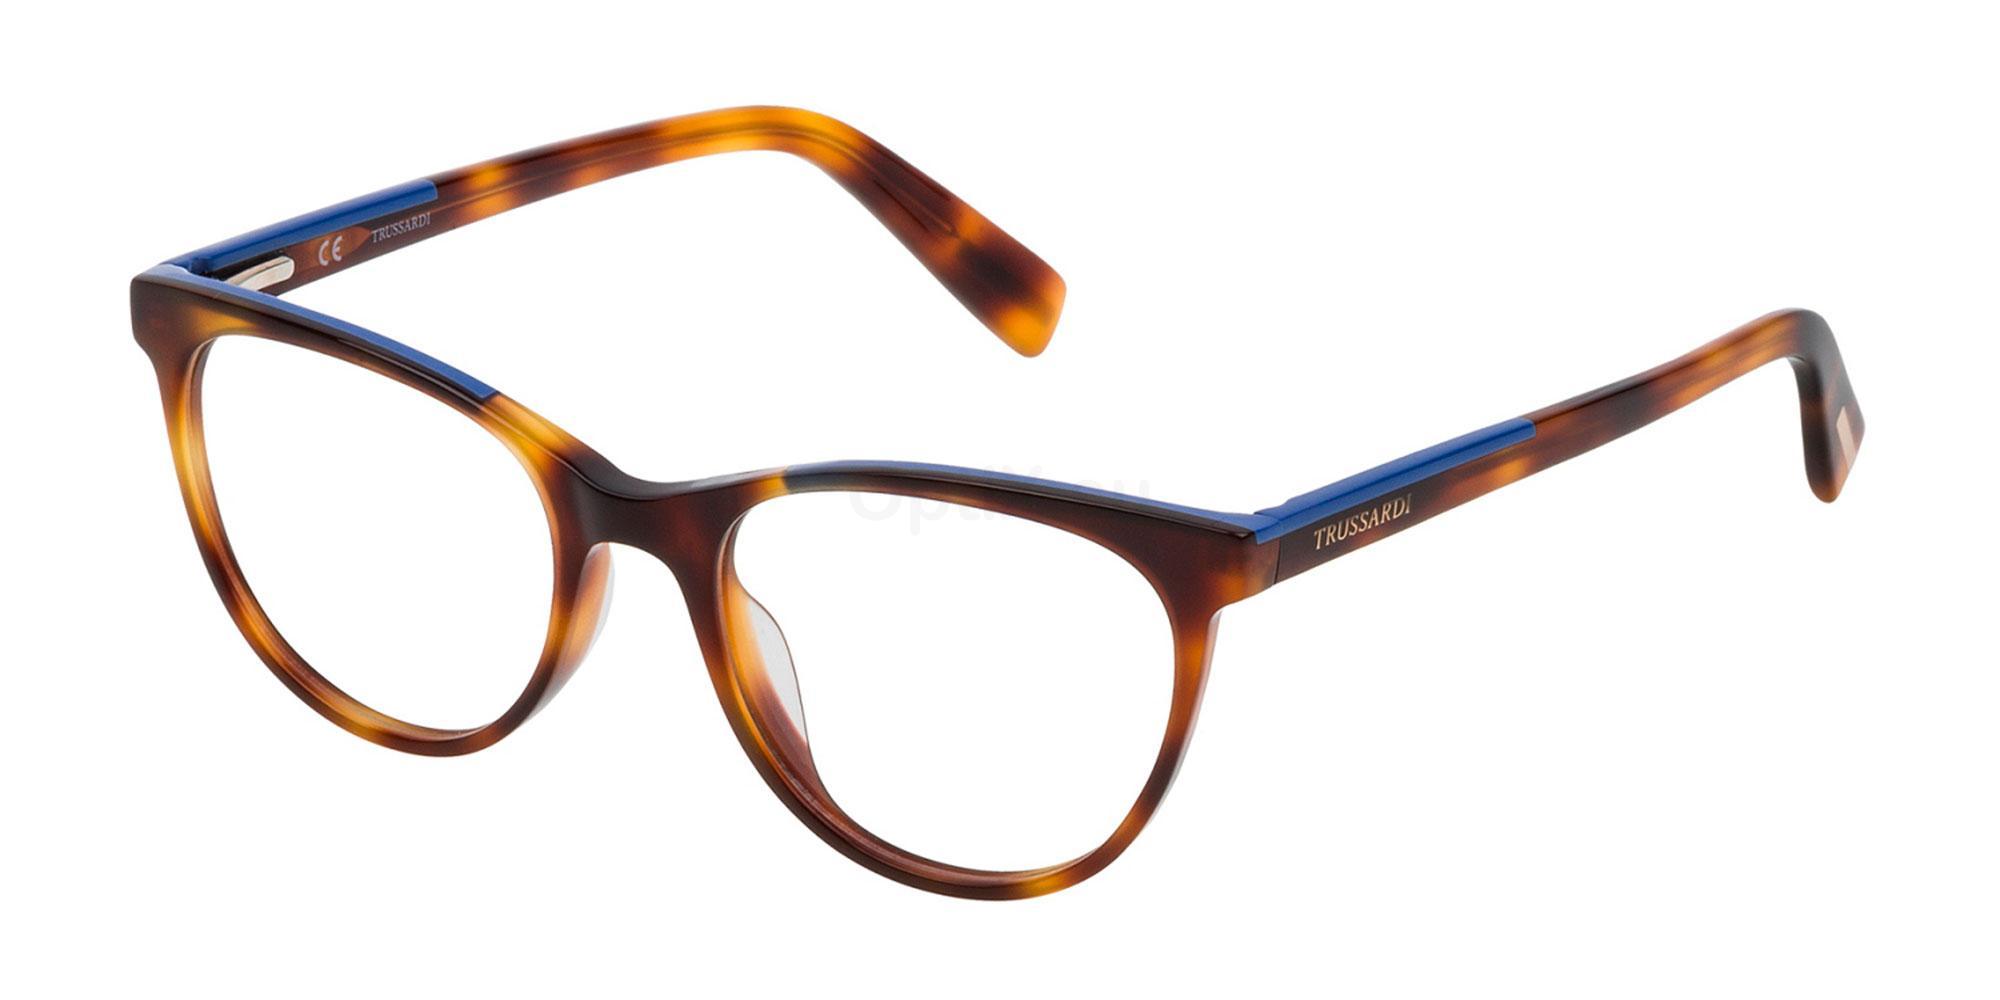 0752 VTR143N Glasses, Trussardi